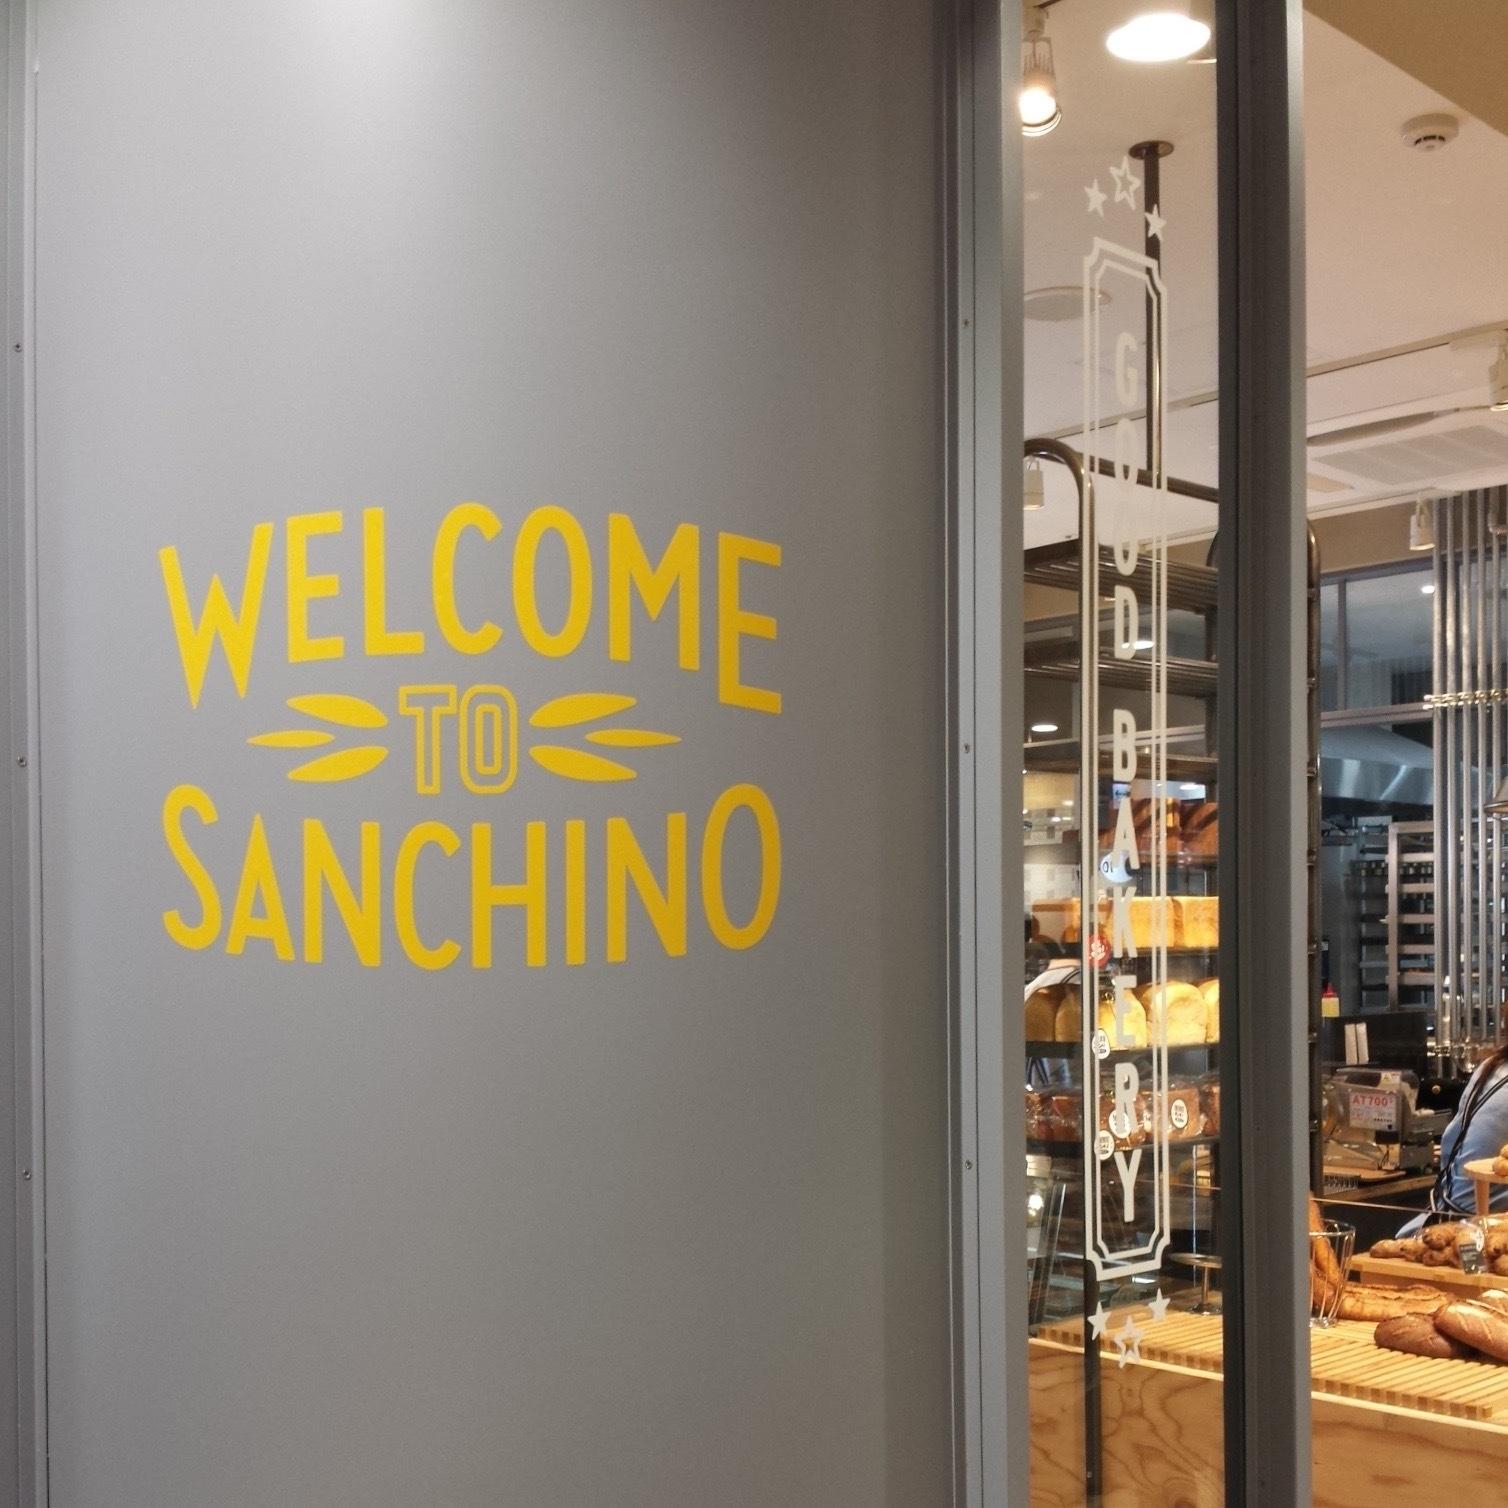 人気のパン屋365日の新形態、その名も『サンチノ』_1_1-1